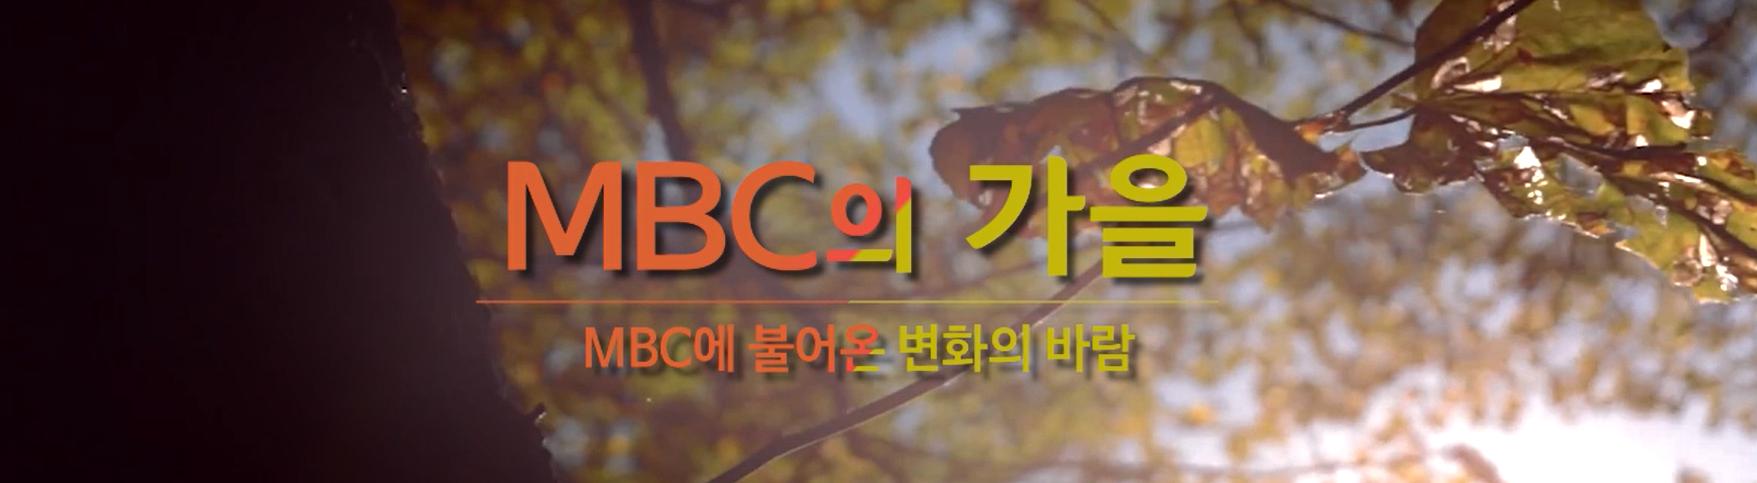 MBC의 가을 - MBC에 불어온 변화의 바람